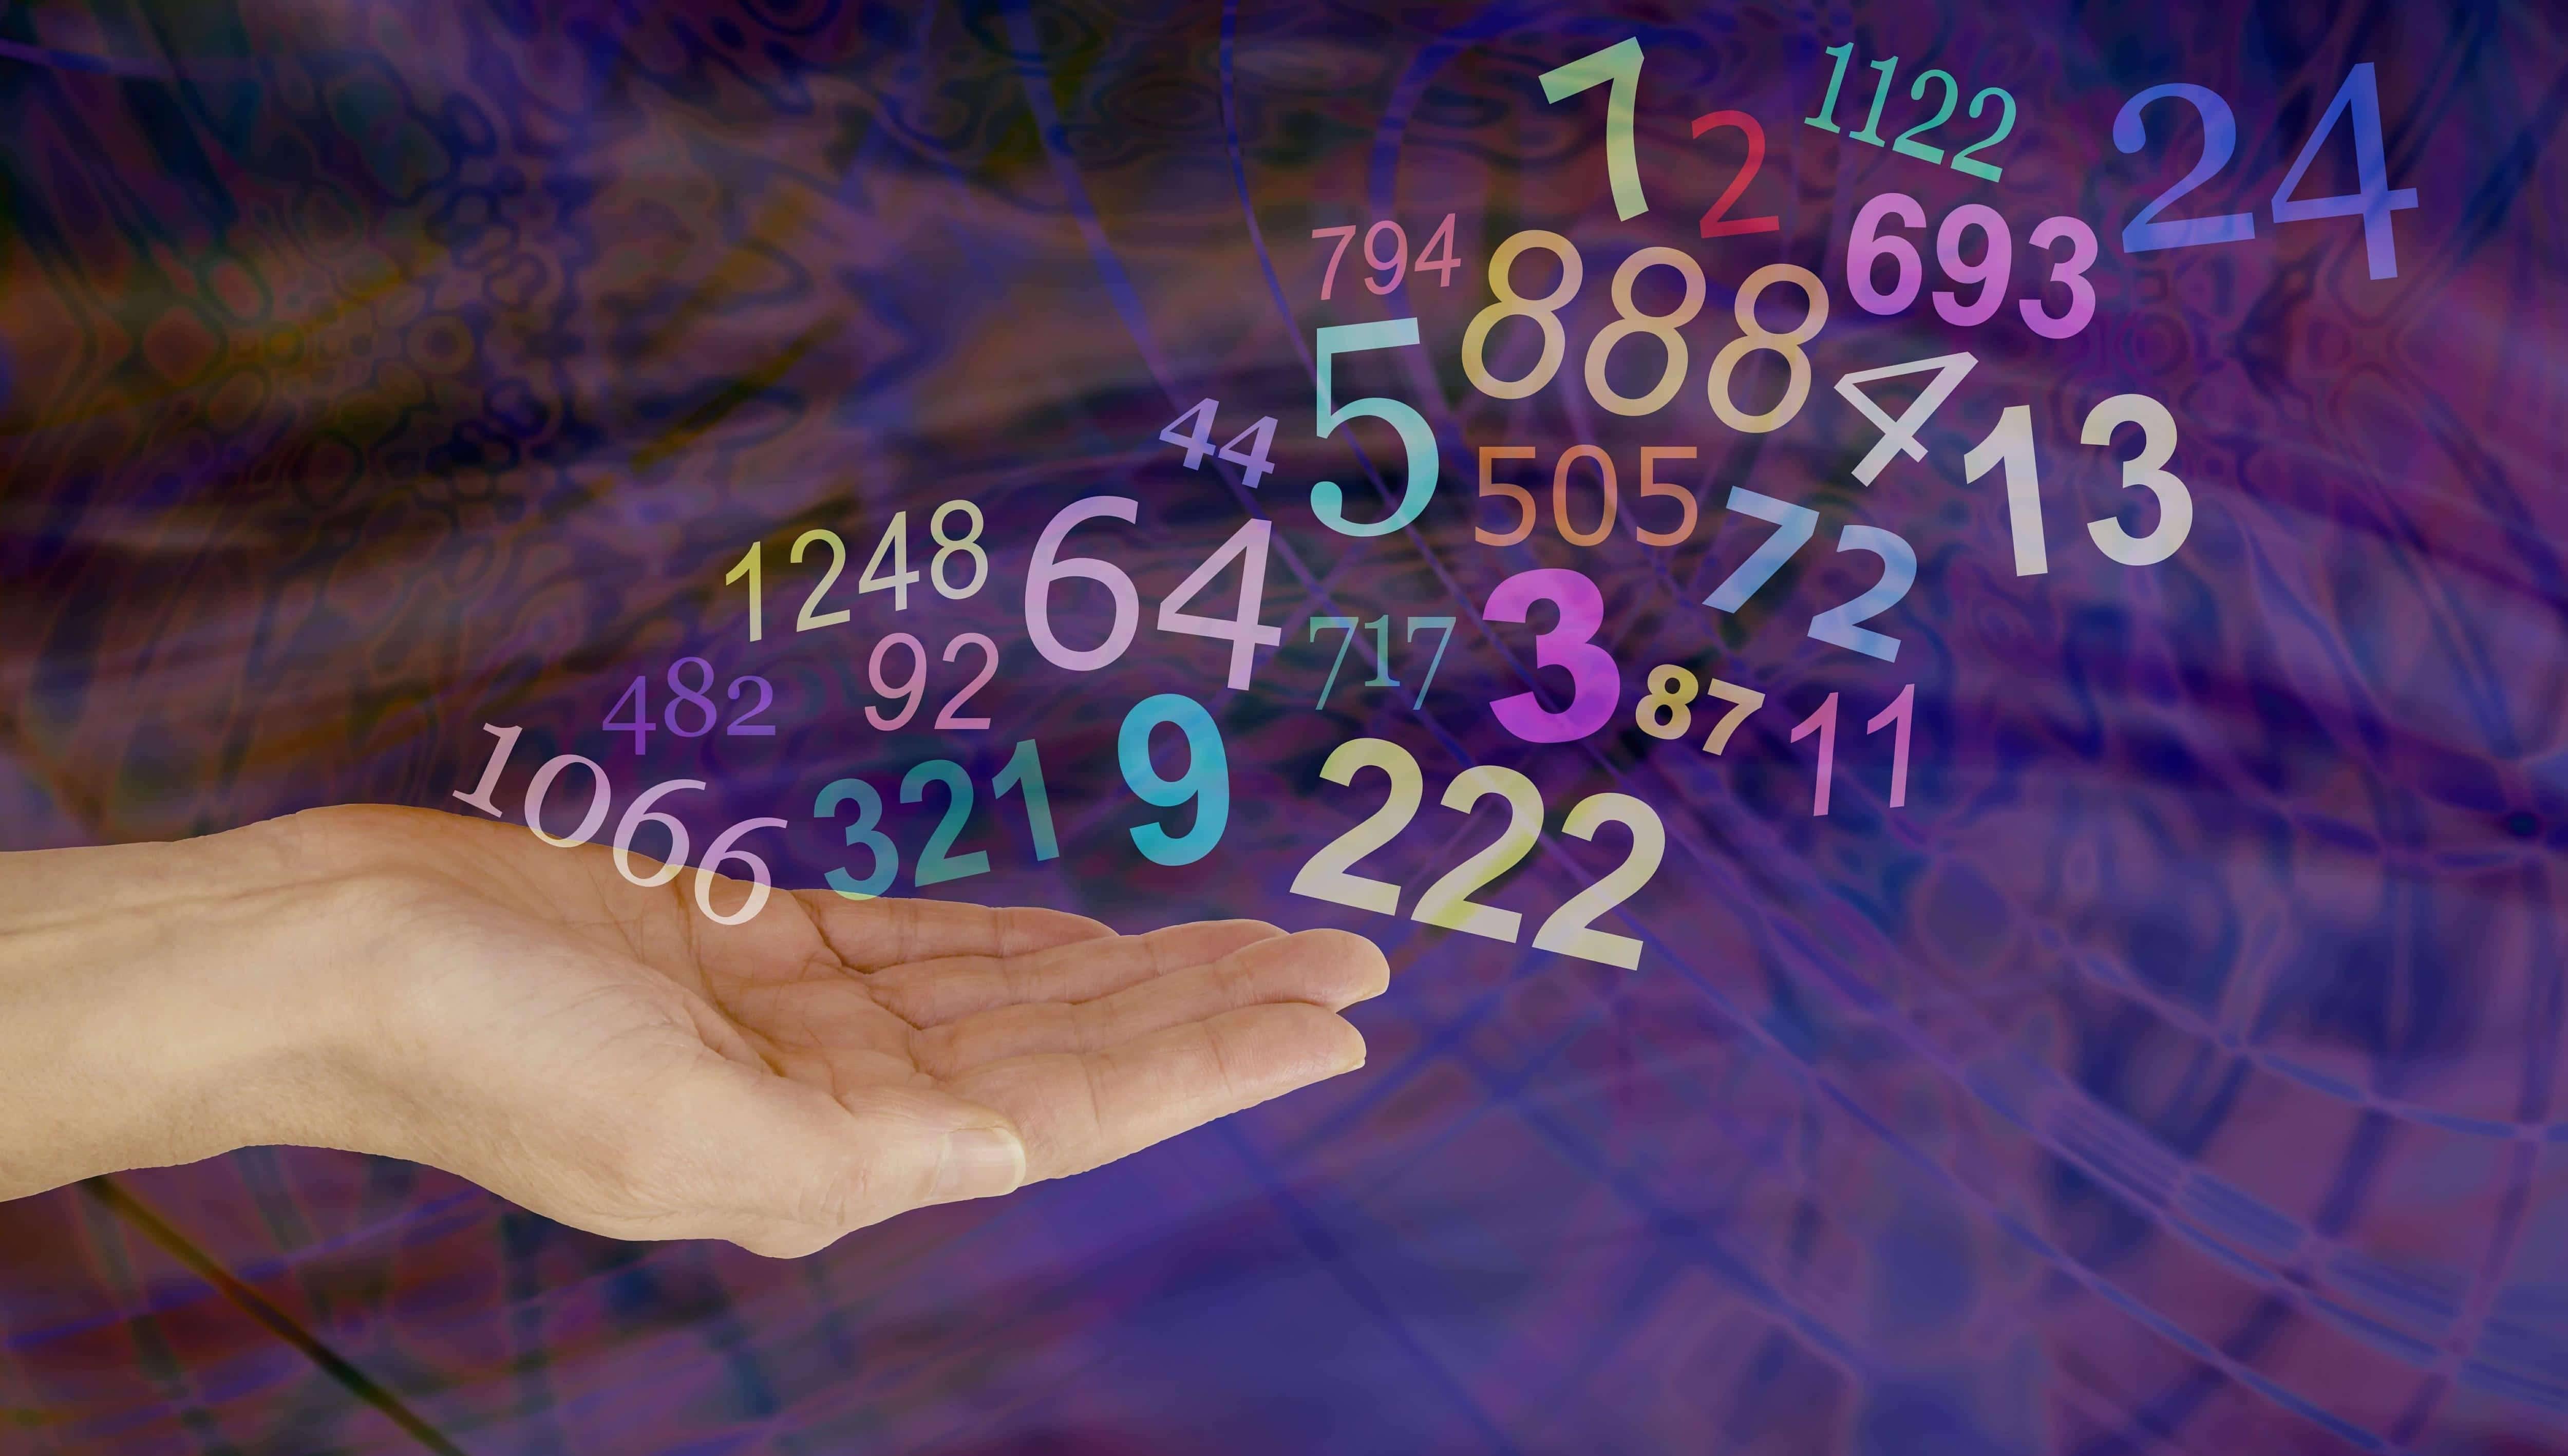 Сколько будет детей - онлайн расчет   бесплатные онлайн гадания. магия. предсказания.